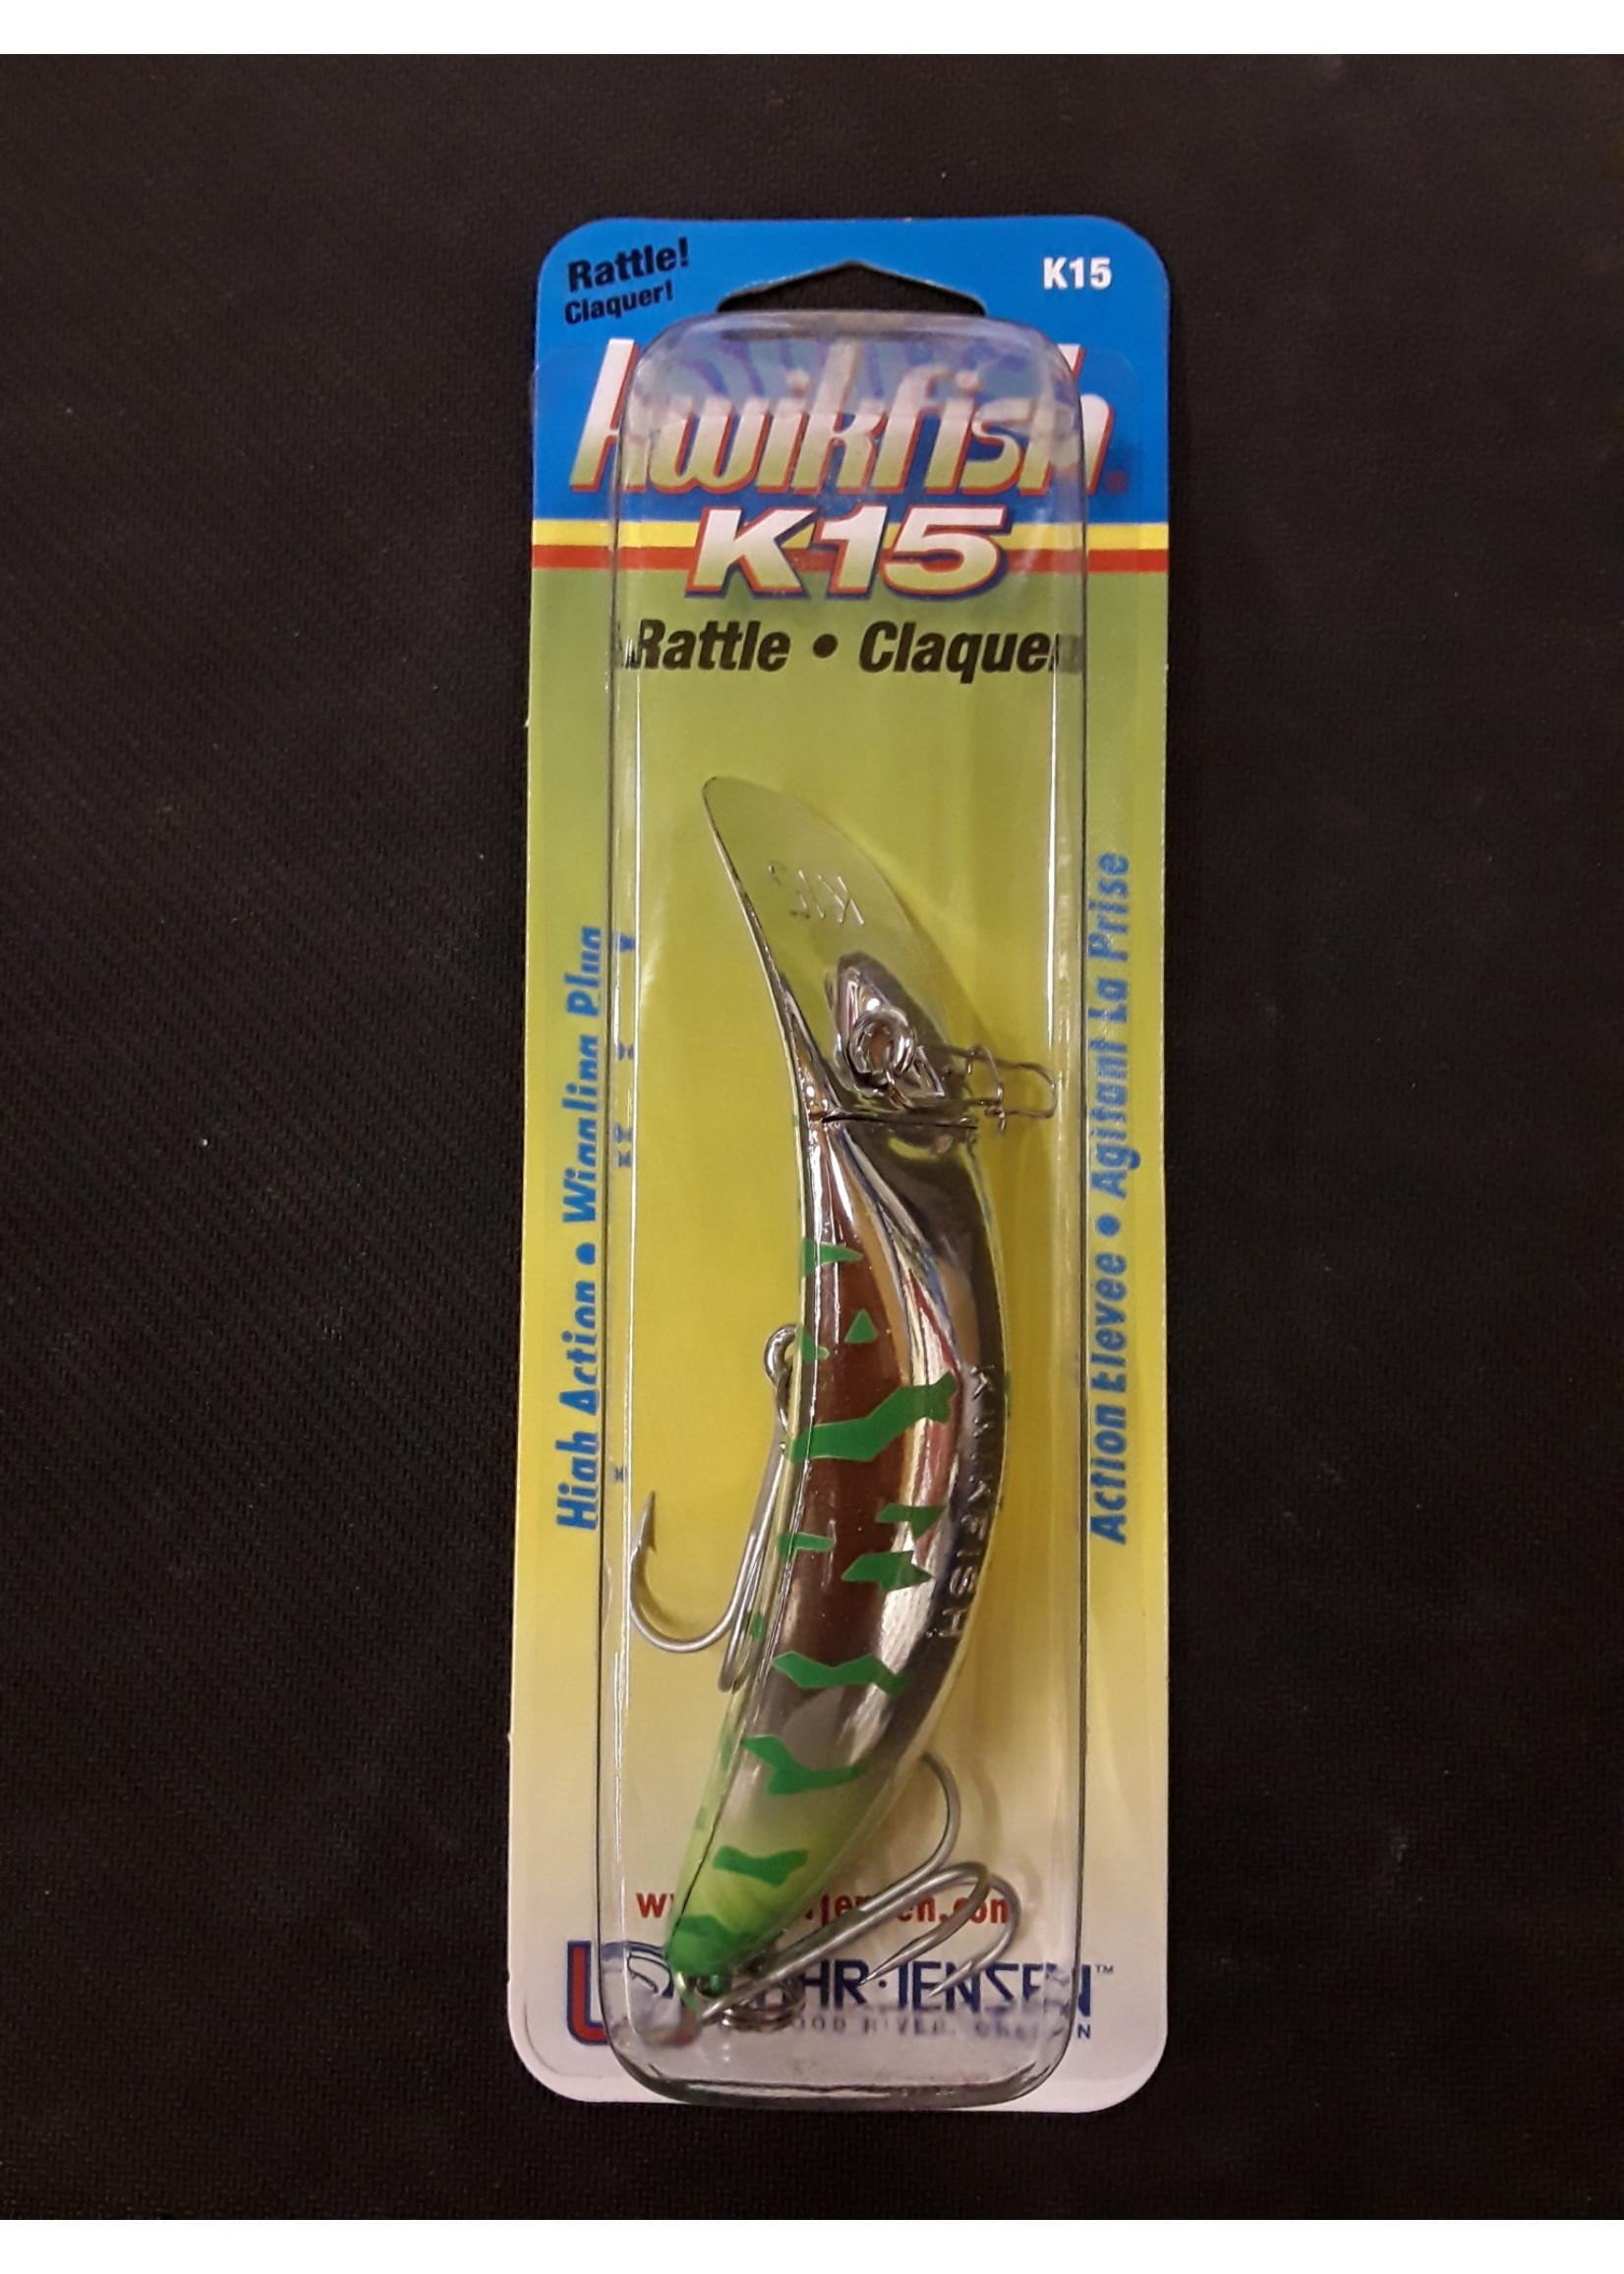 Luhr-Jensen Kwikfish K15 Rattle